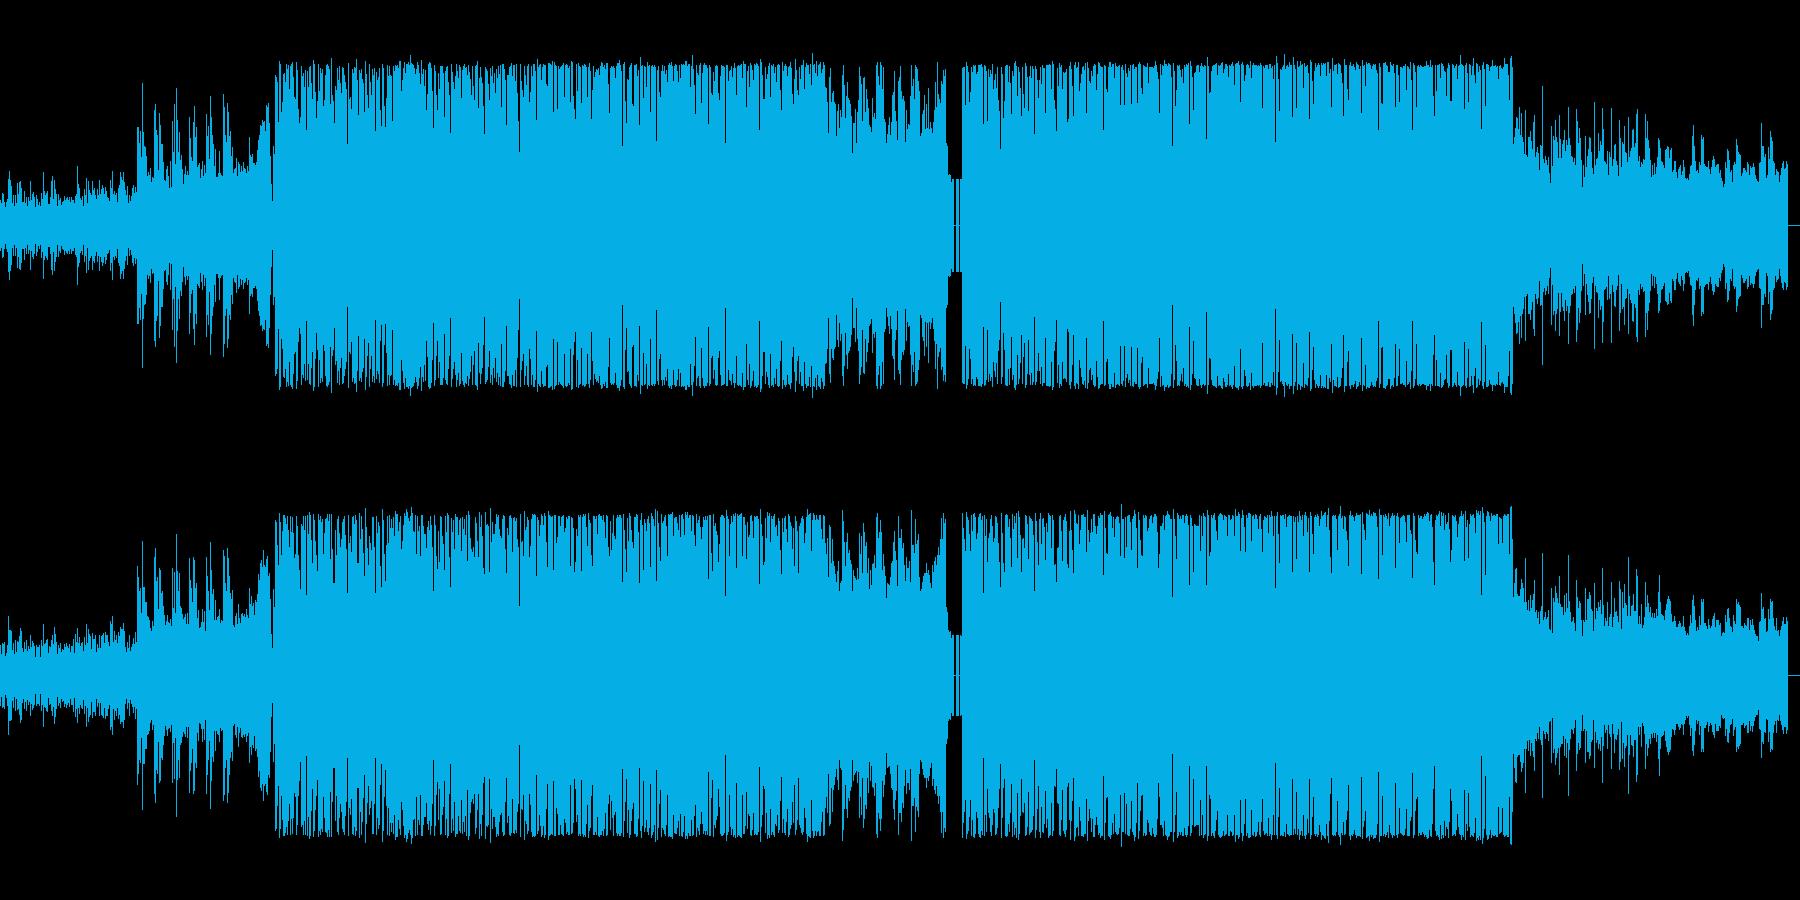 シンセサイザーが複雑に入り組んだ悩ましさの再生済みの波形